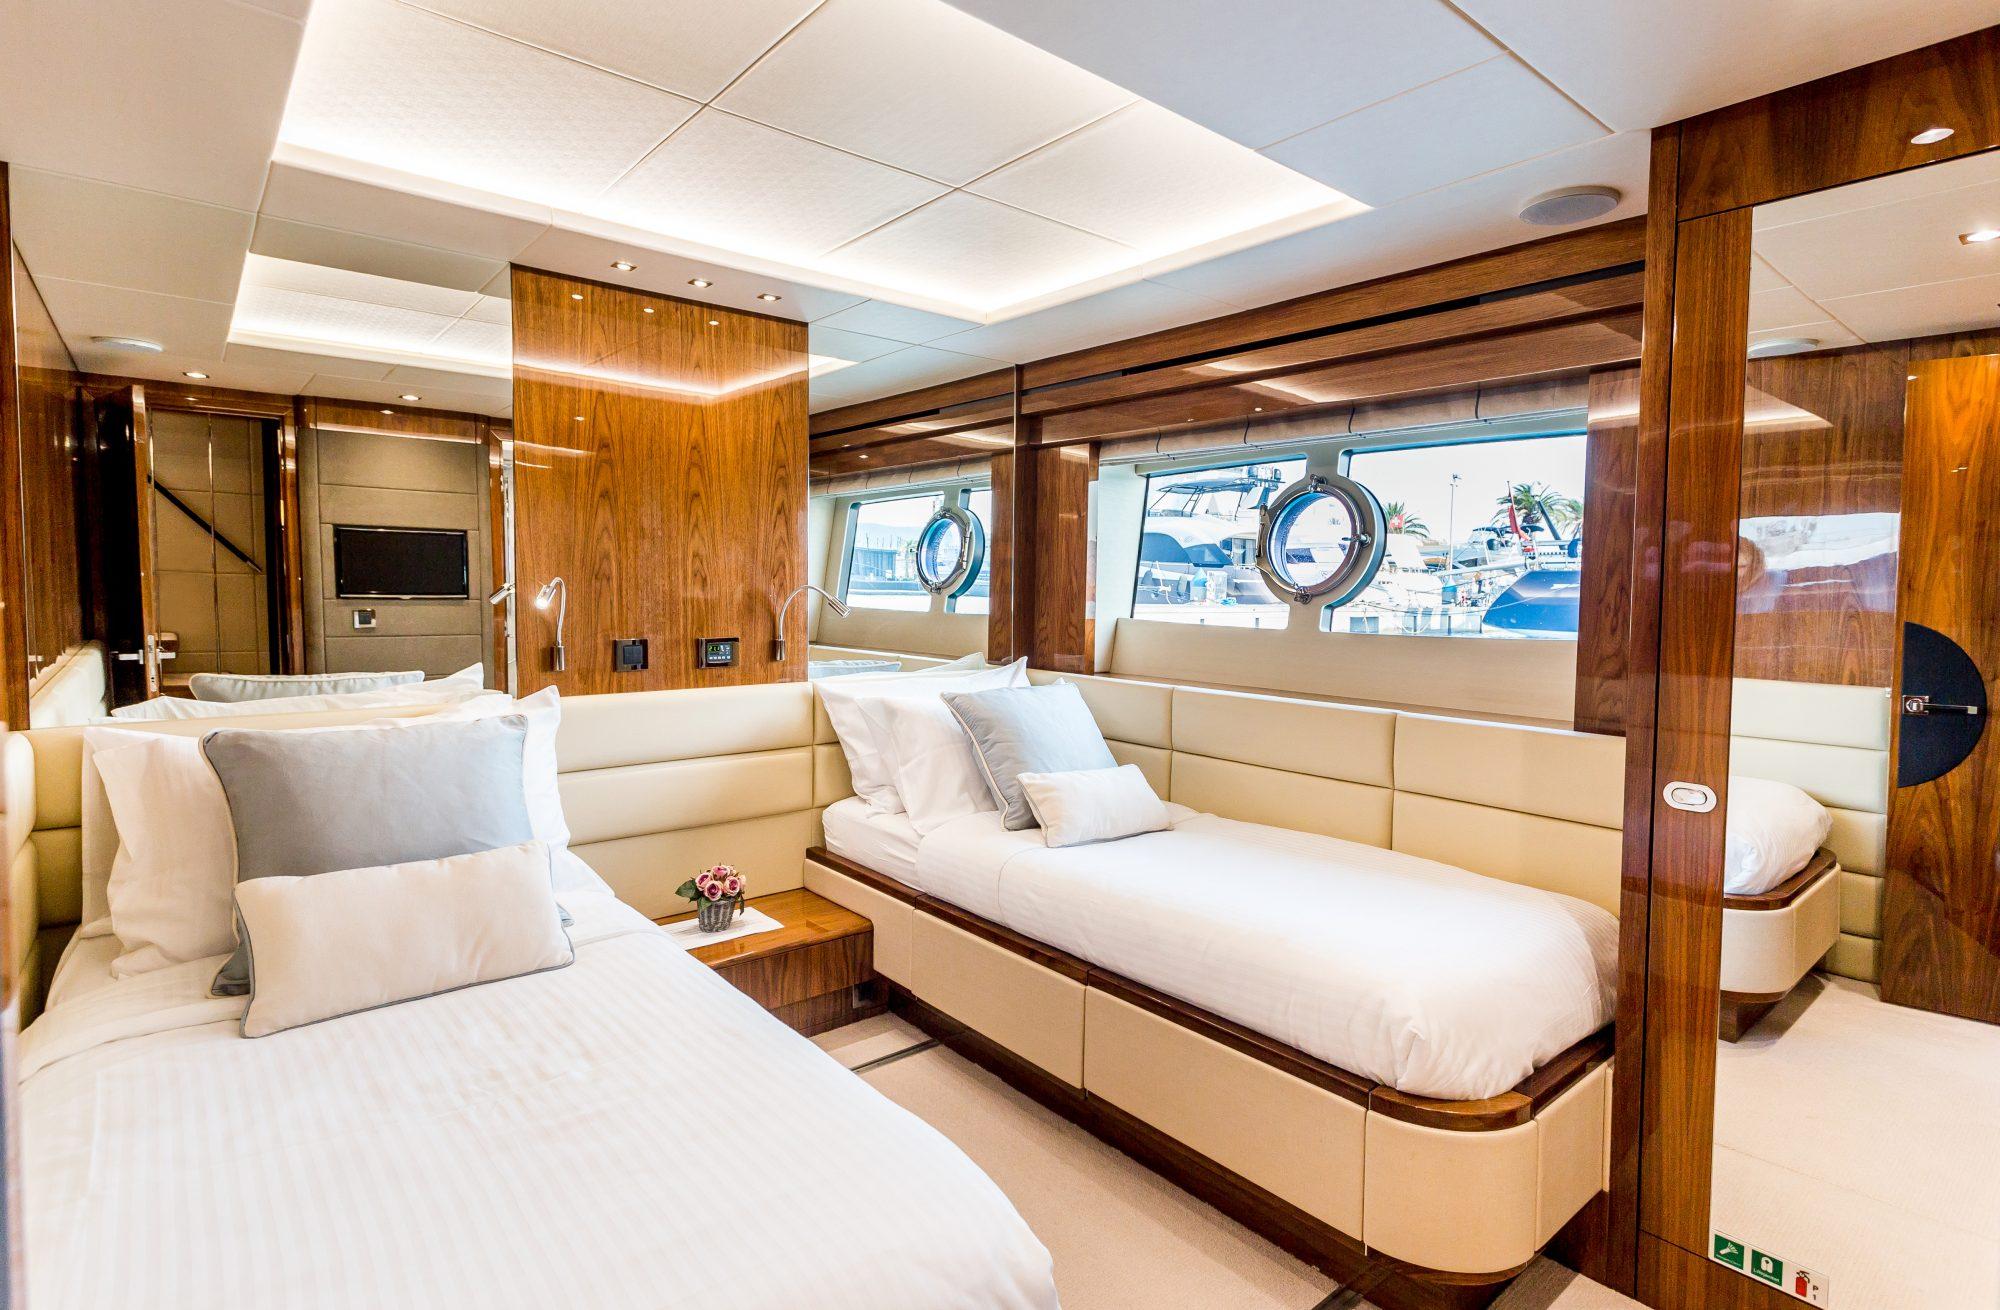 Sunseeker 86 Yacht - Stardust of Poole - Twin Cabin